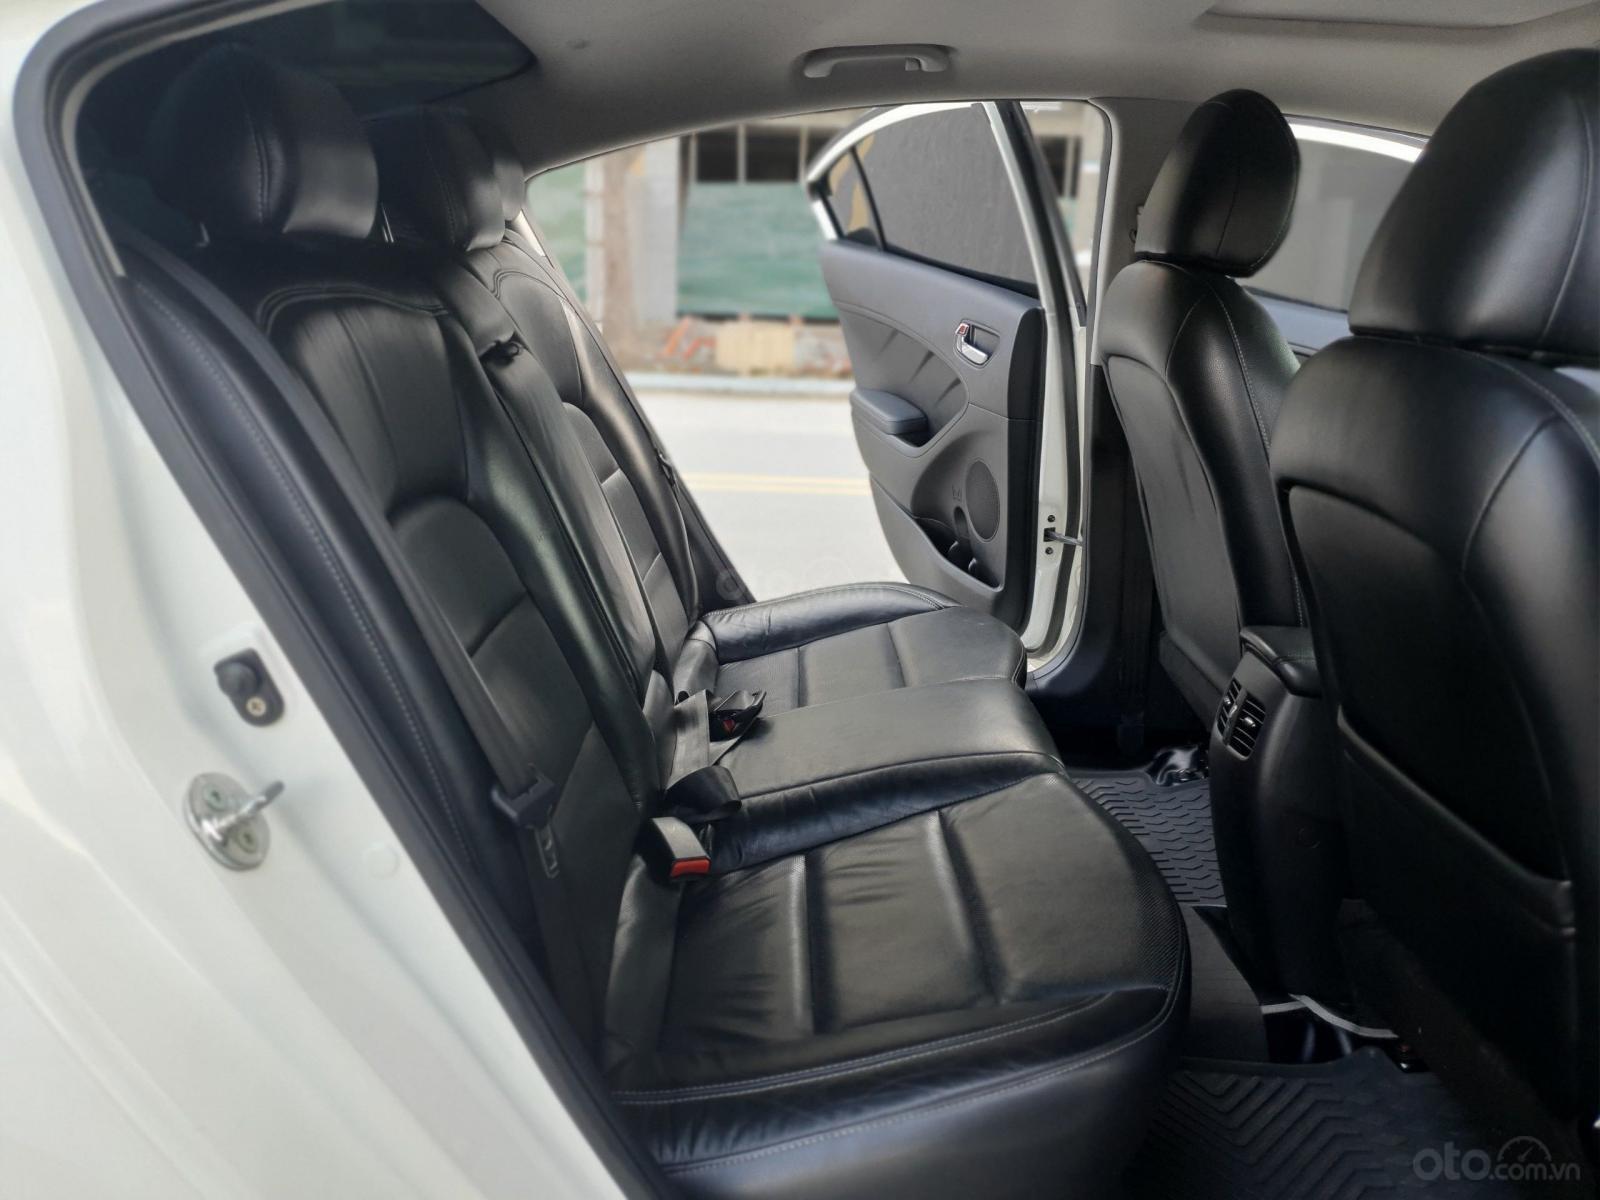 Cần bán lại xe Kia K3 2.0 2014, màu trắng, chất lượng đã được kiểm định (9)